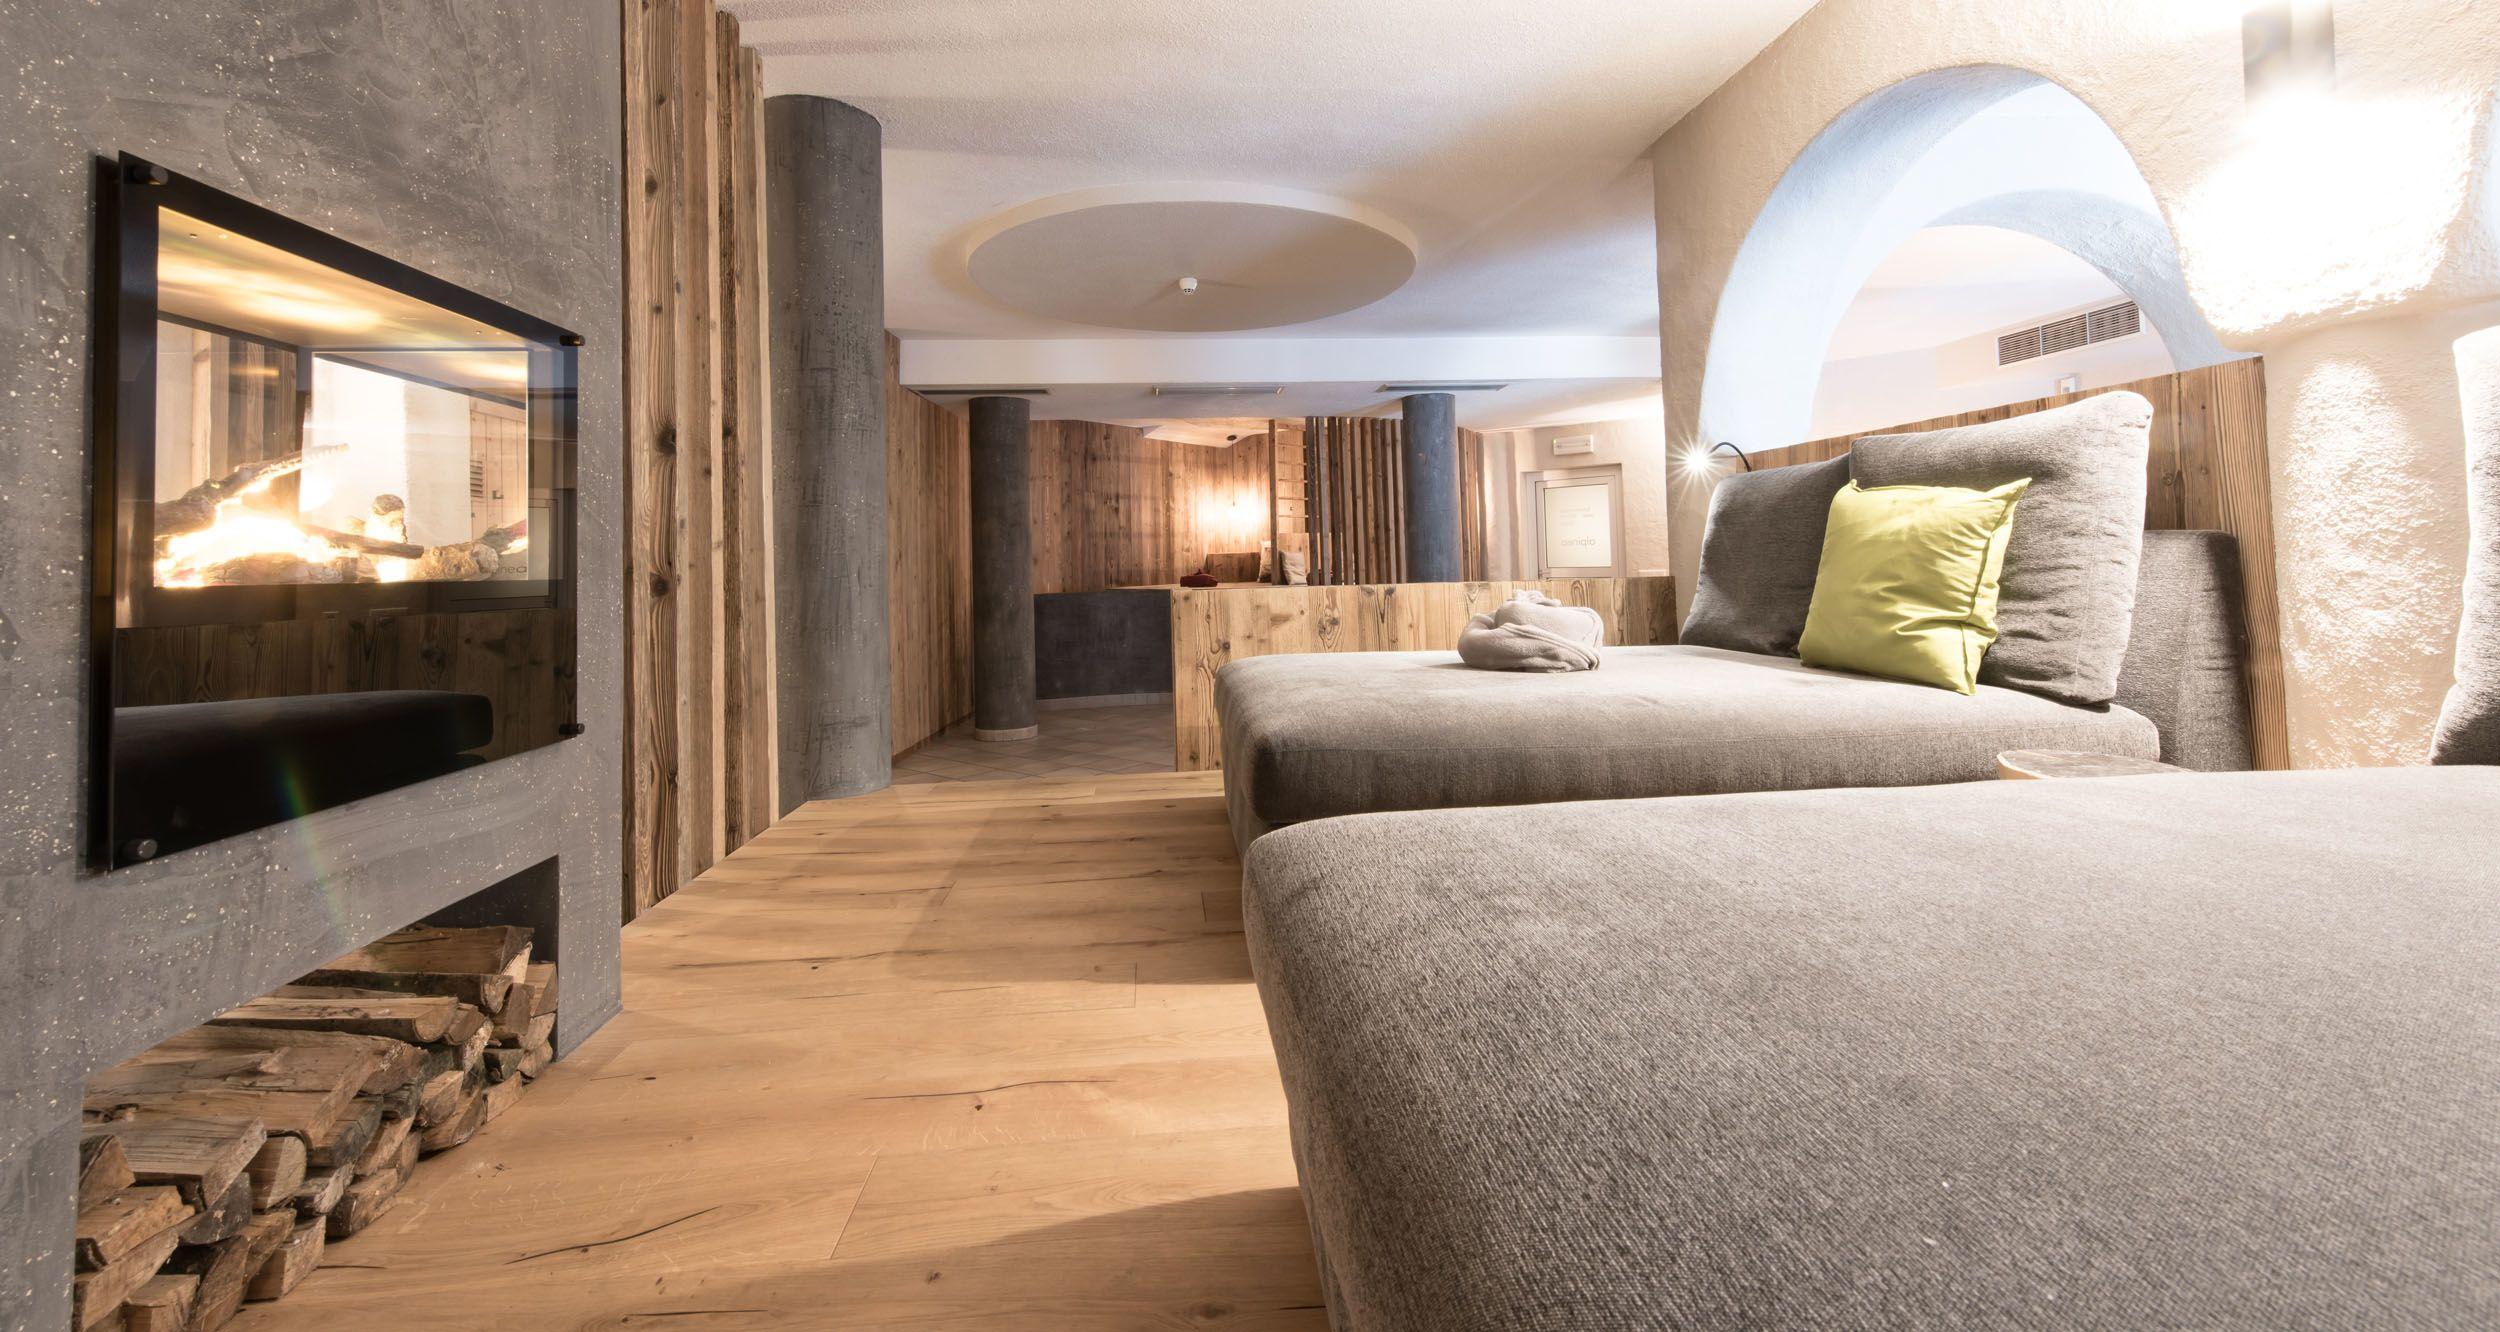 Wie überall im Haus ist auch der Relax-Bereich modern, stylish und zugleich gemütlich.